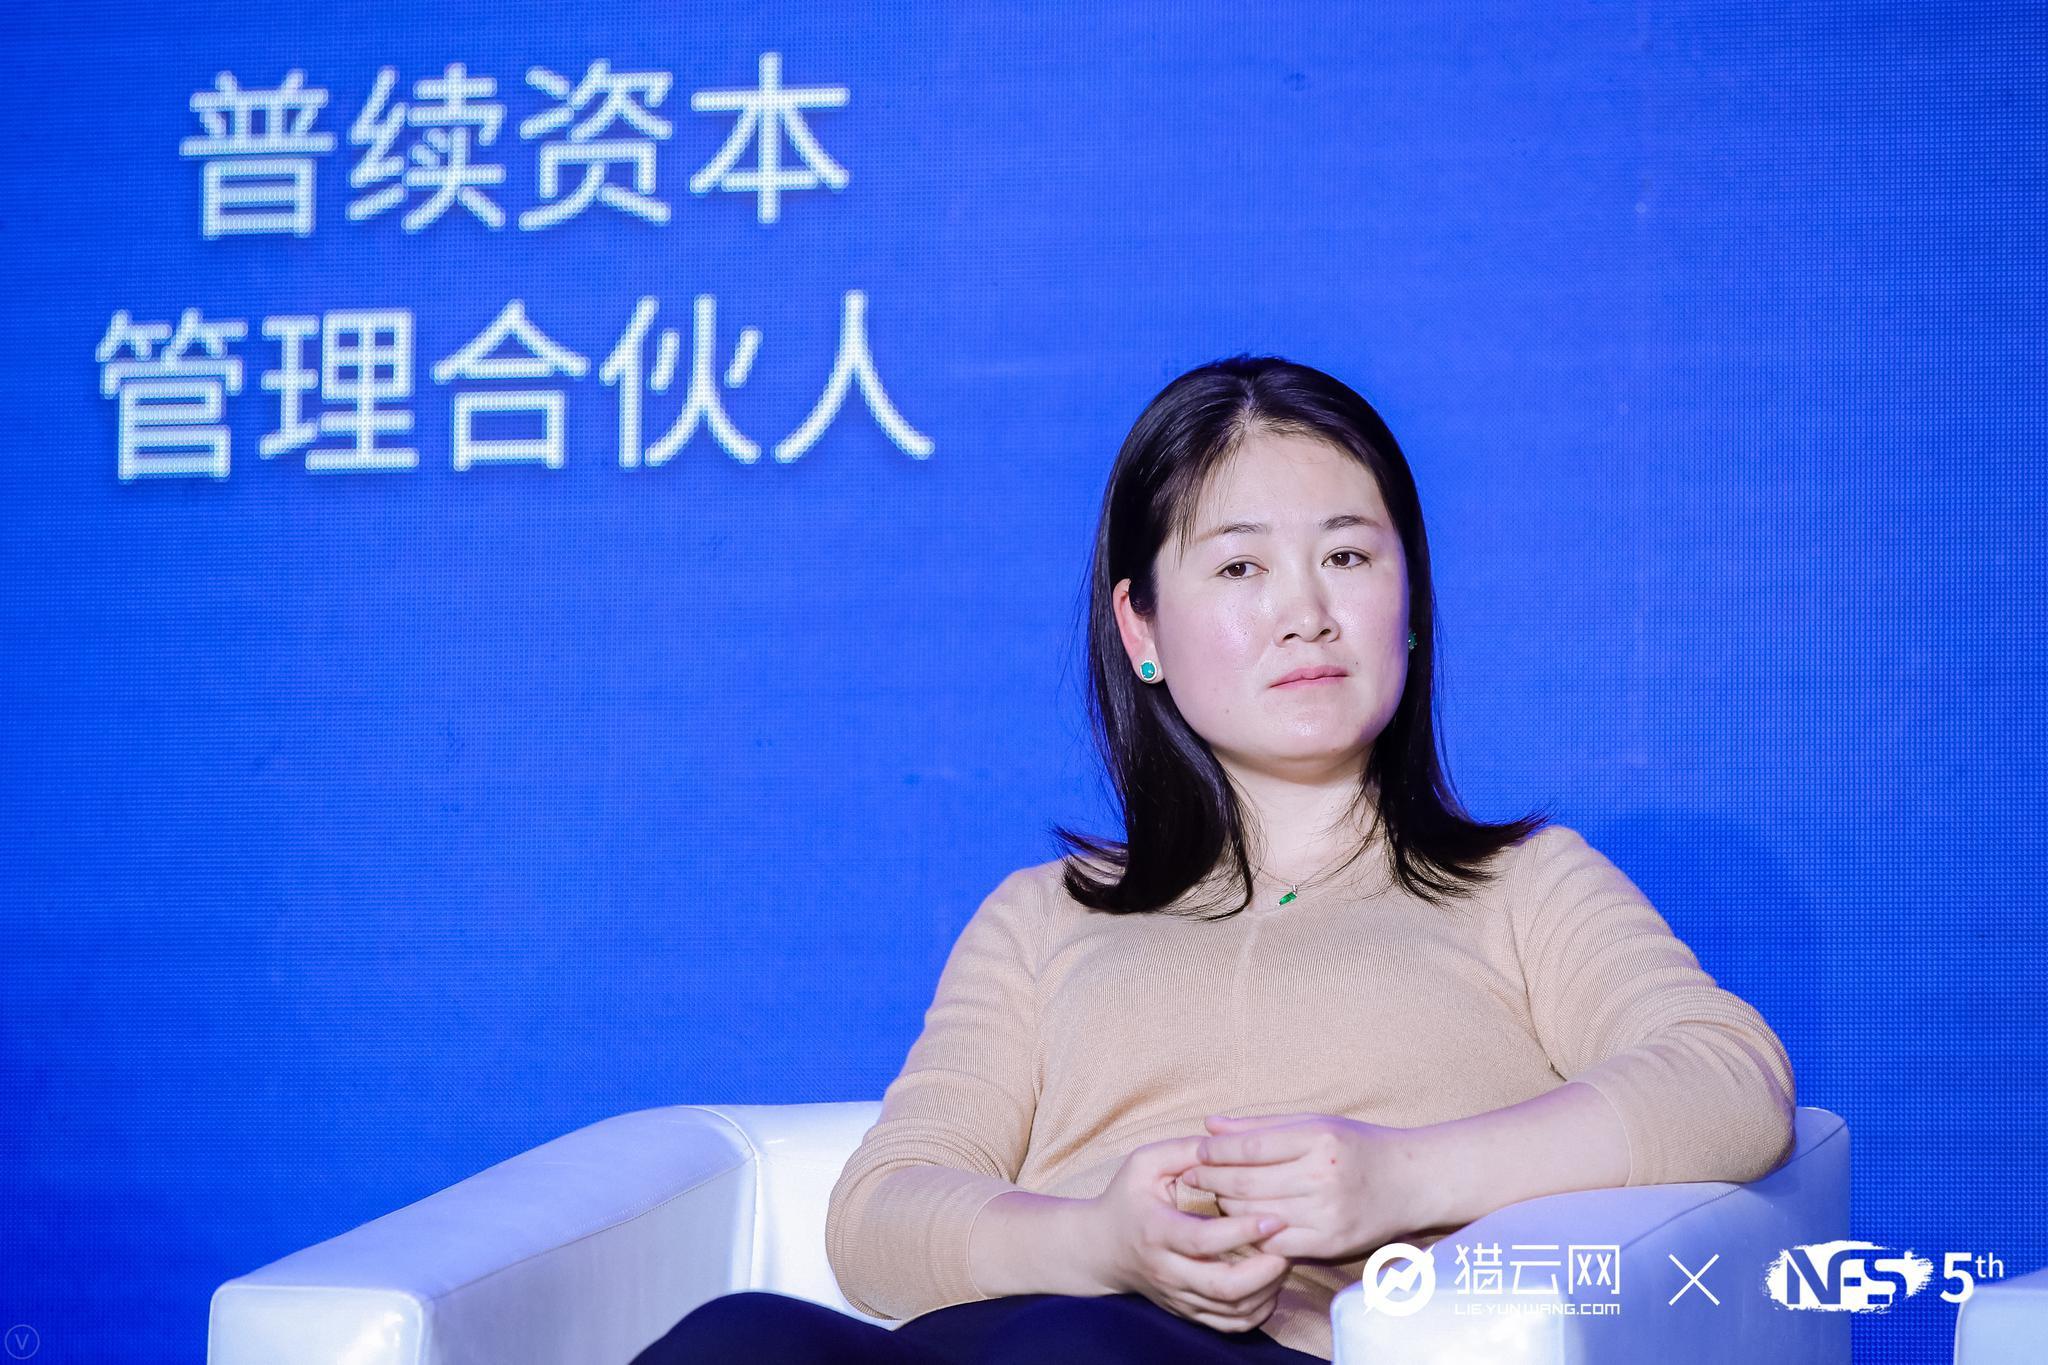 普续资本管理合伙人赵玲黛:做好产品,要在坚持和灵活之间找到平衡点